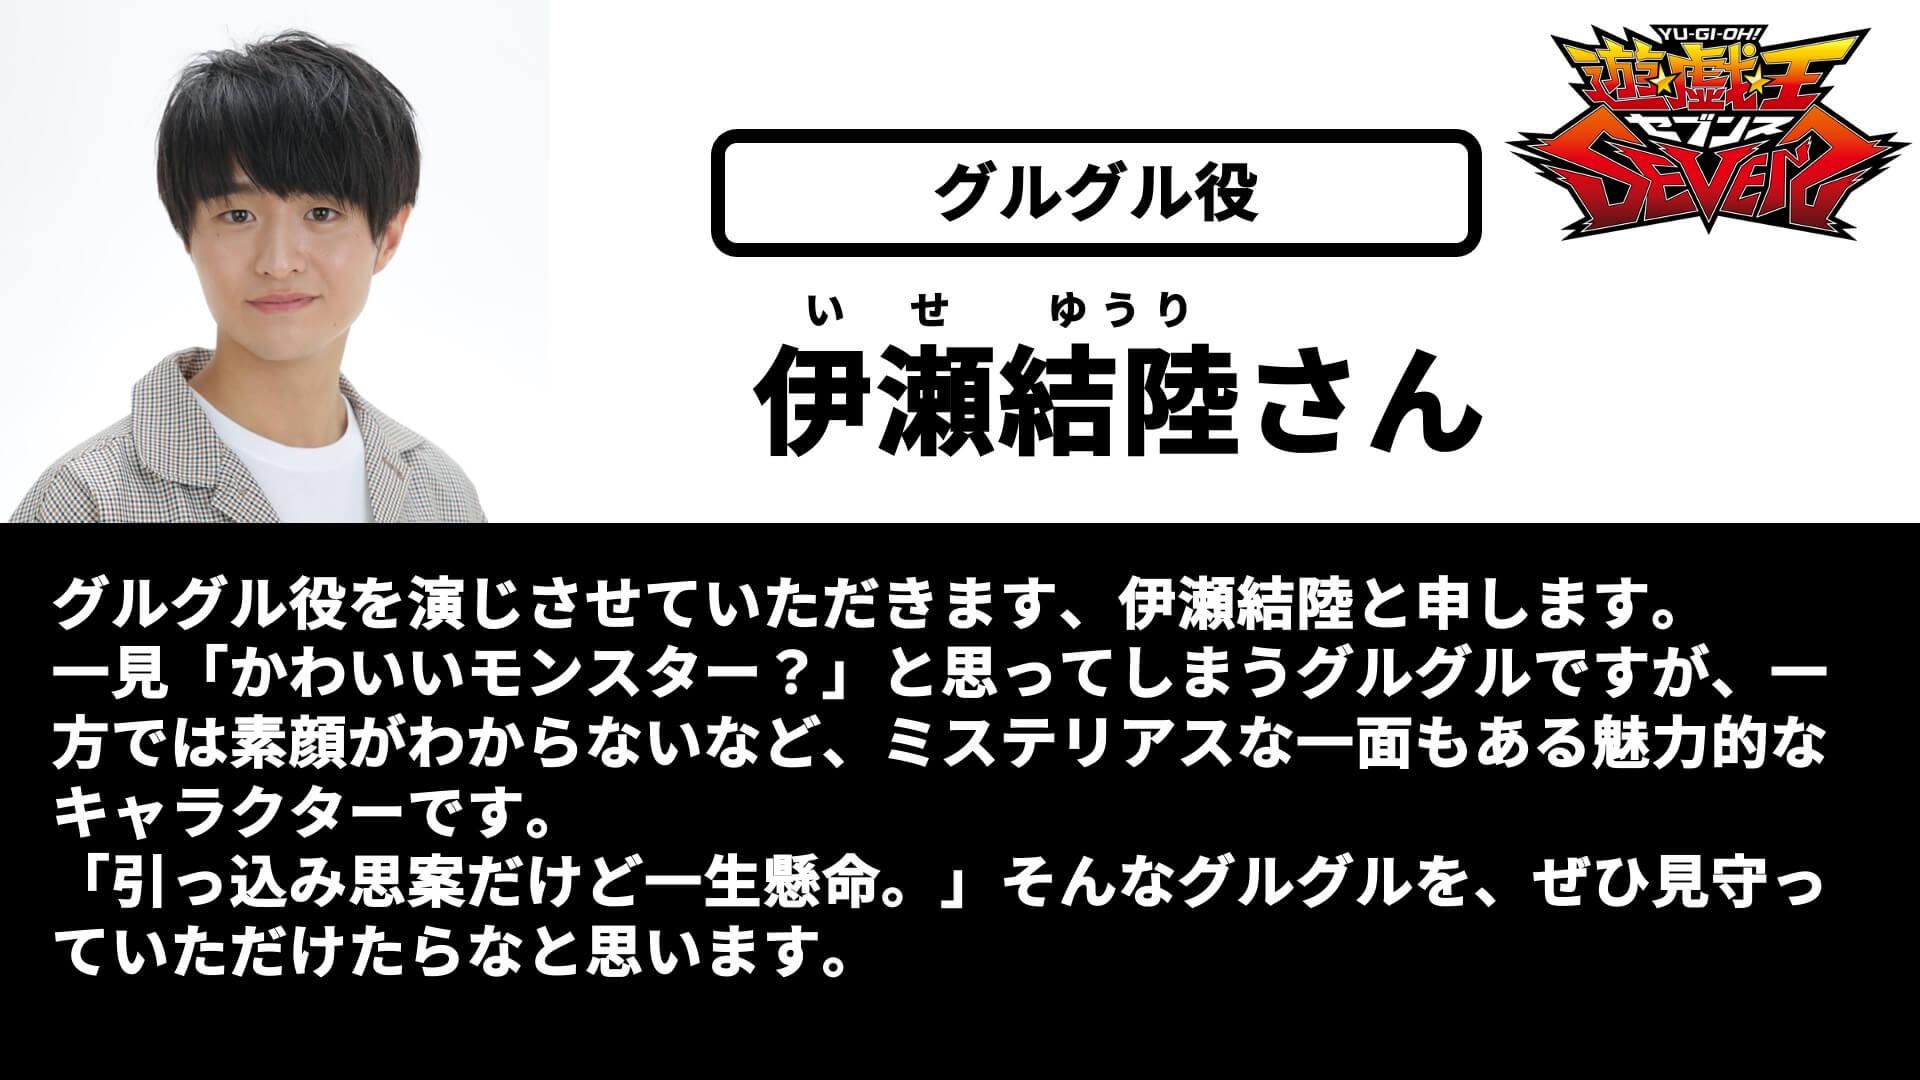 【新キャラクター】グルグル役:伊瀬結陸さん